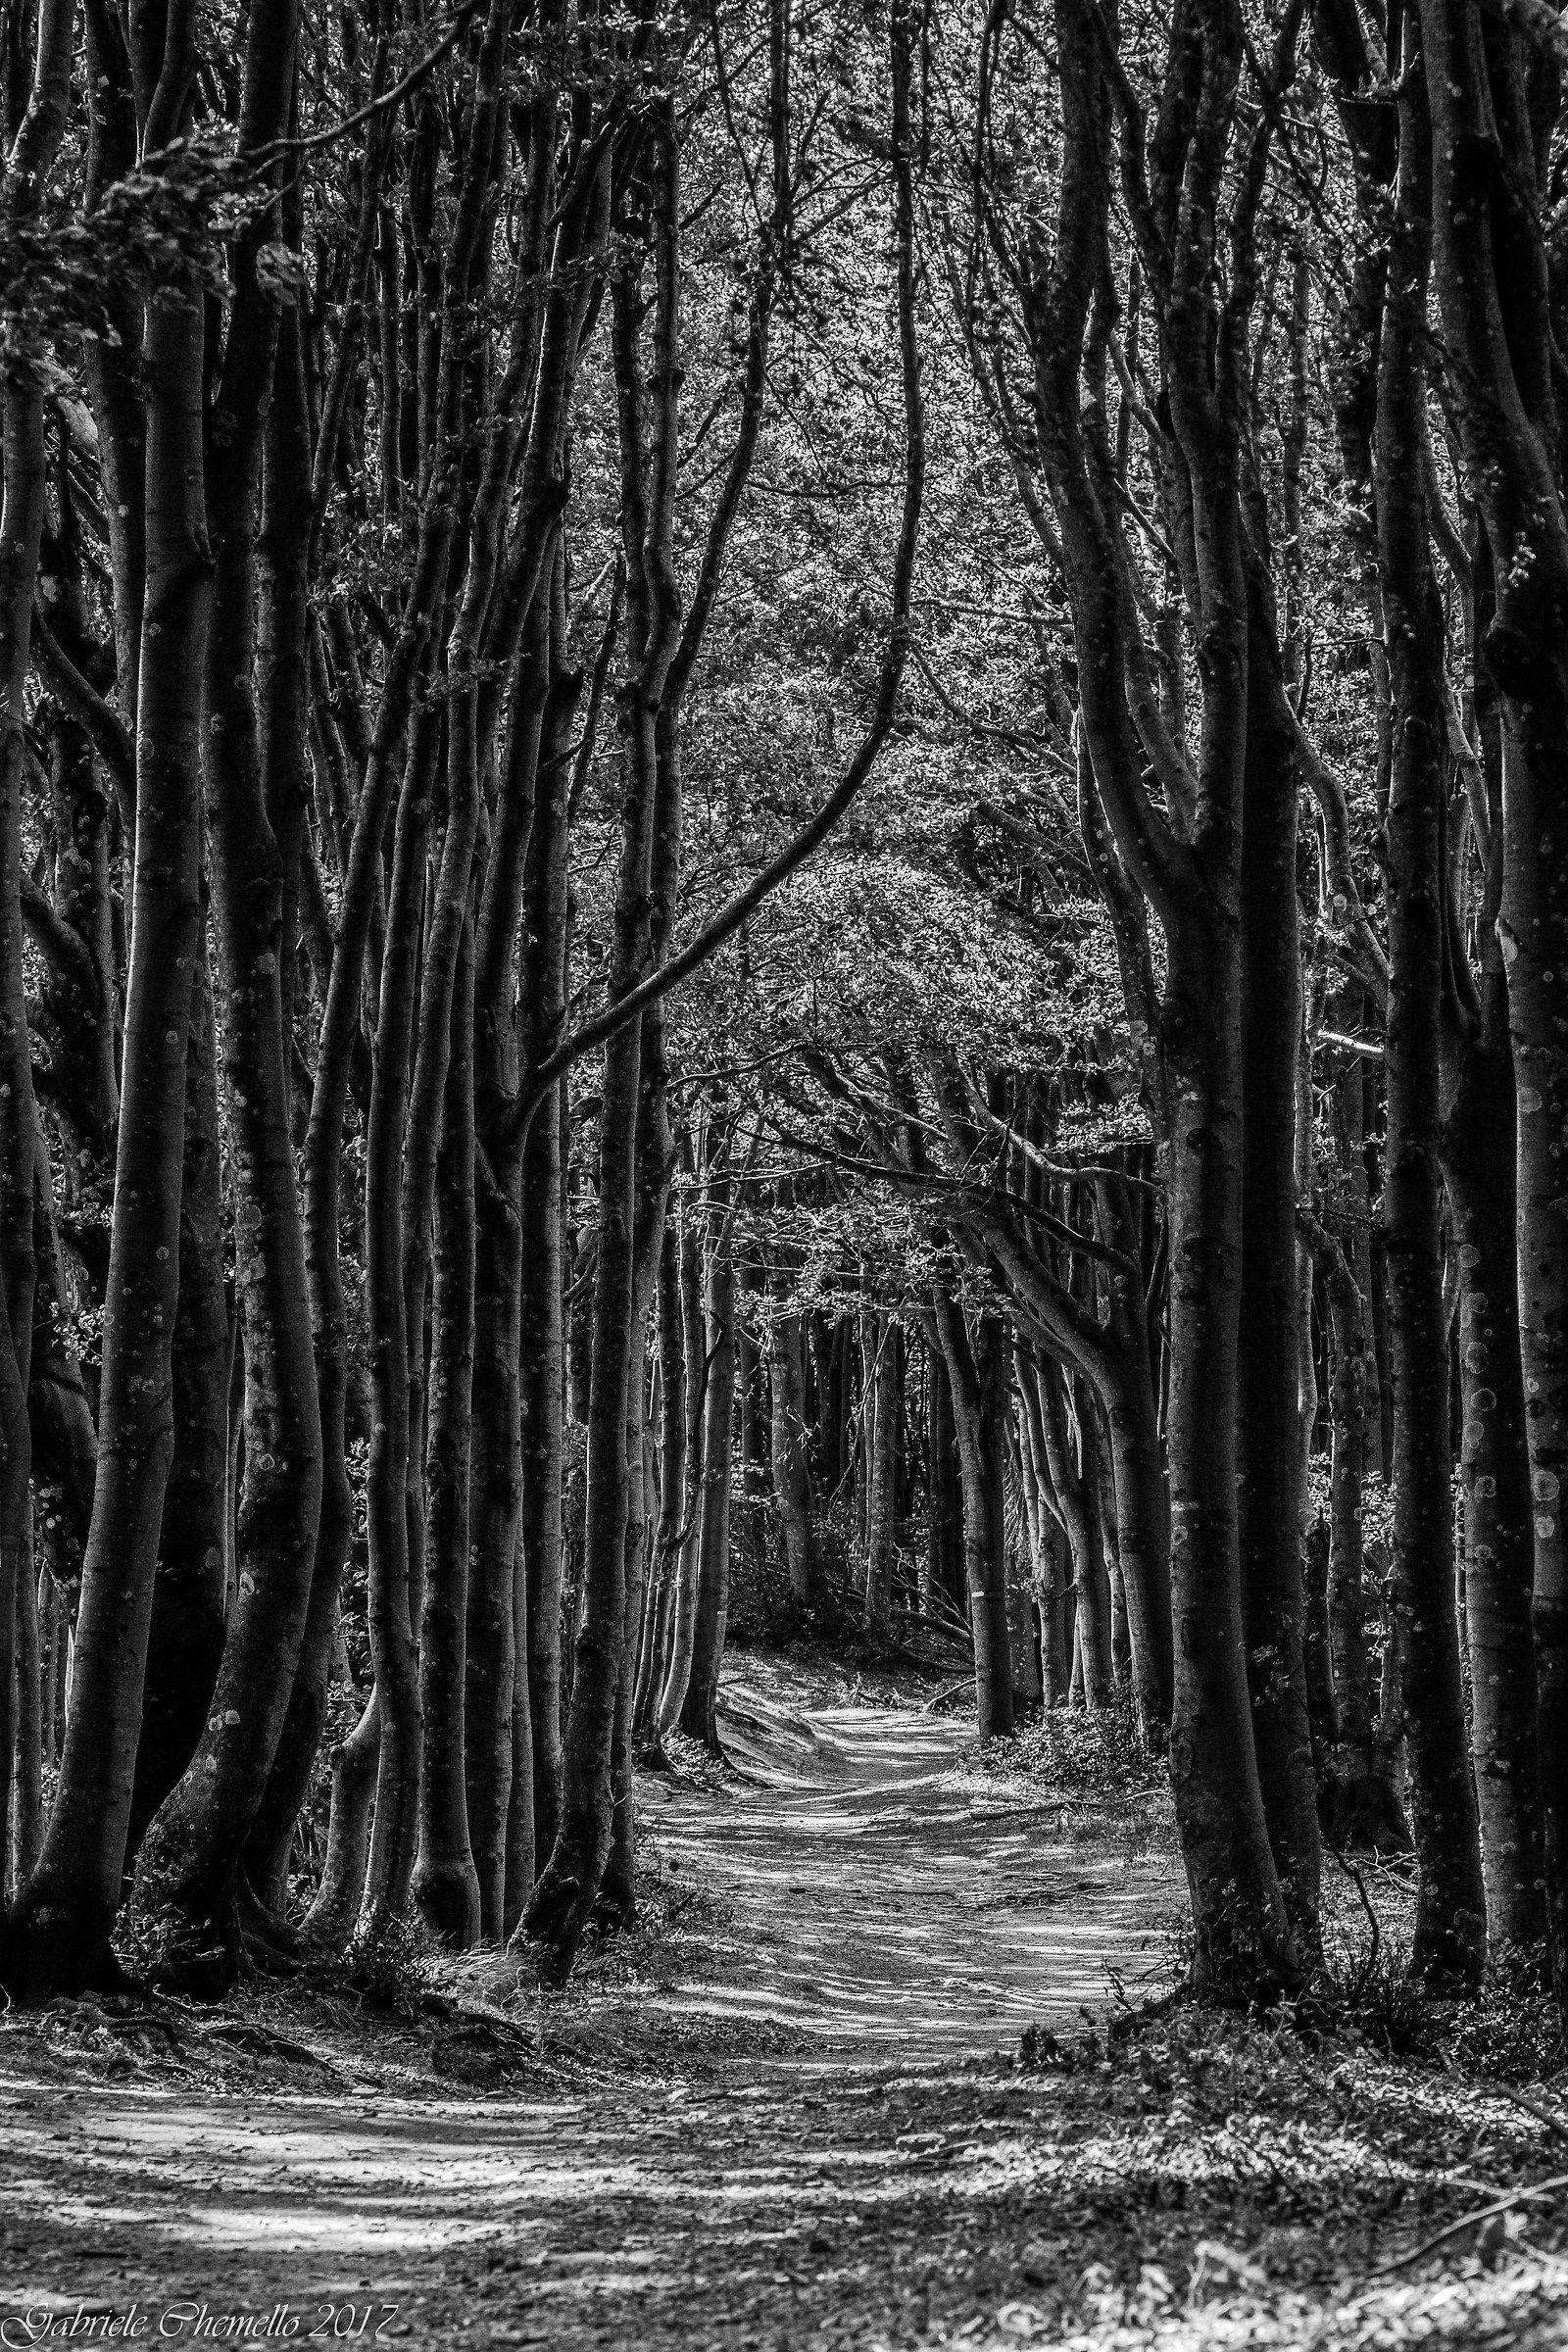 La strada nel bosco...